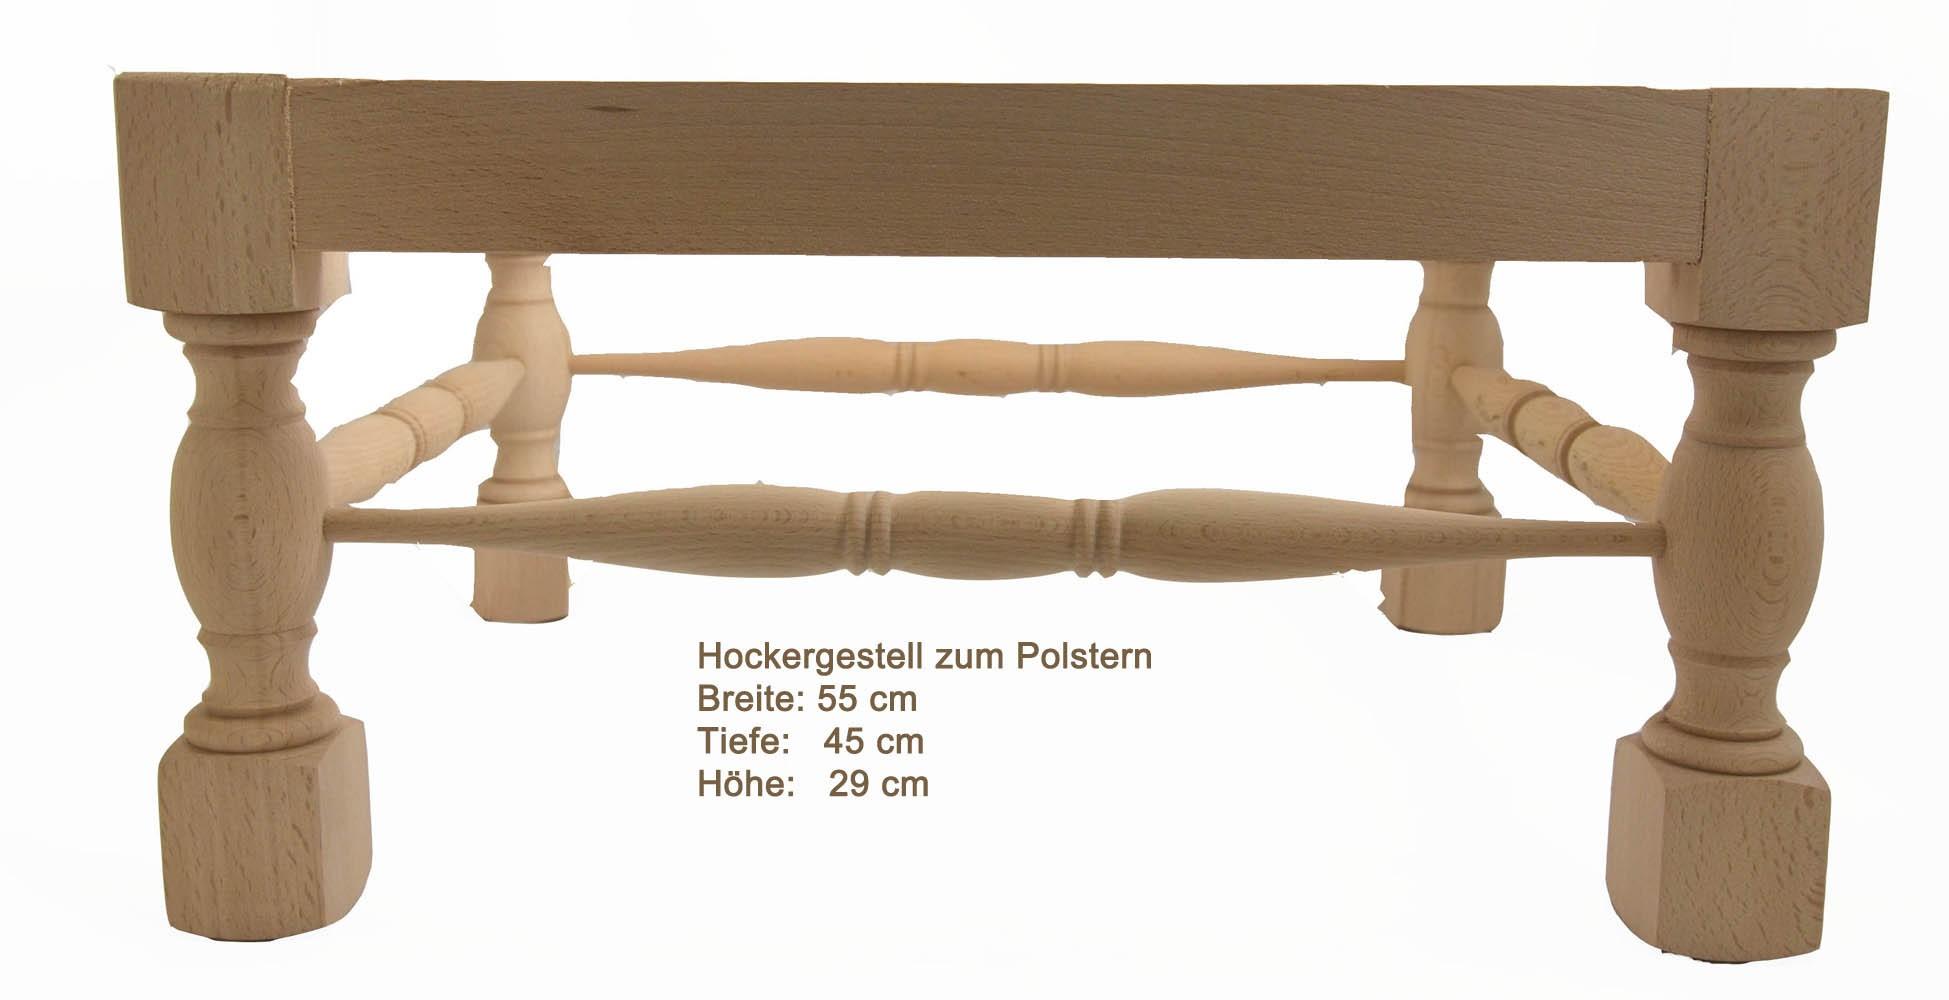 Gestell für Hocker zum Polstern Massivholz